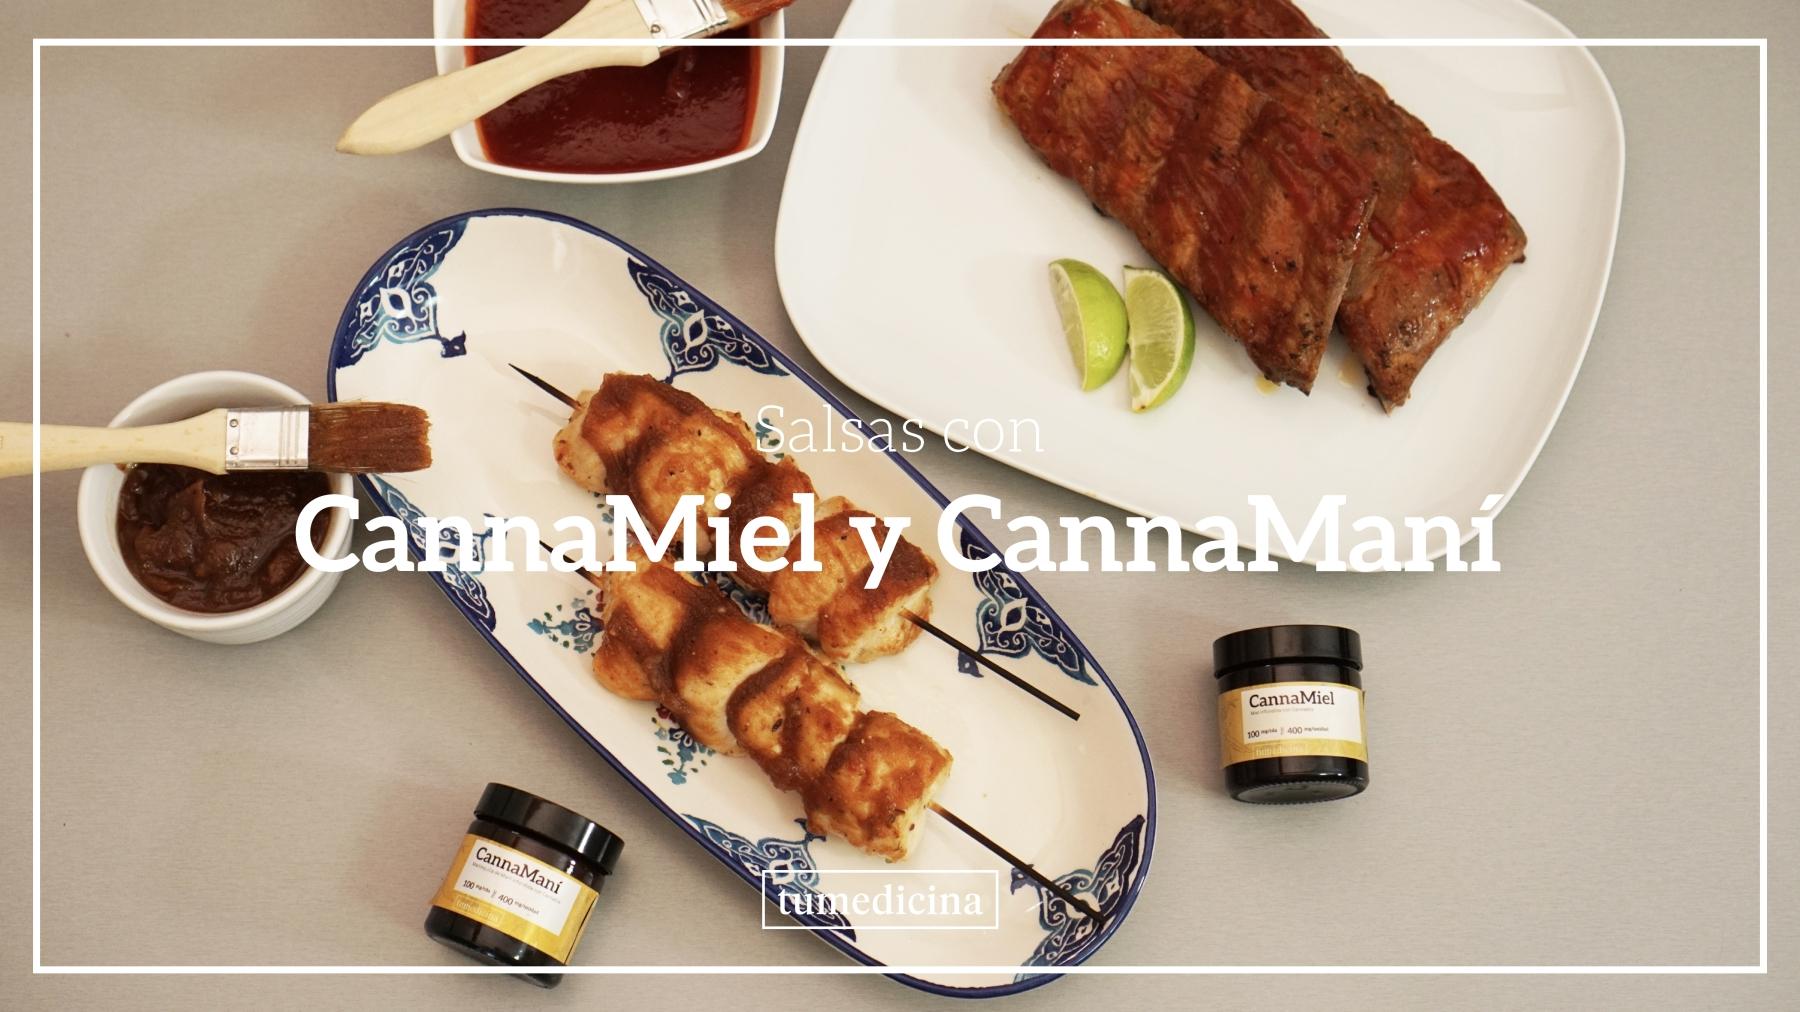 Tu Receta: Salsa BBQ Con CannaMiel Y CannaManí